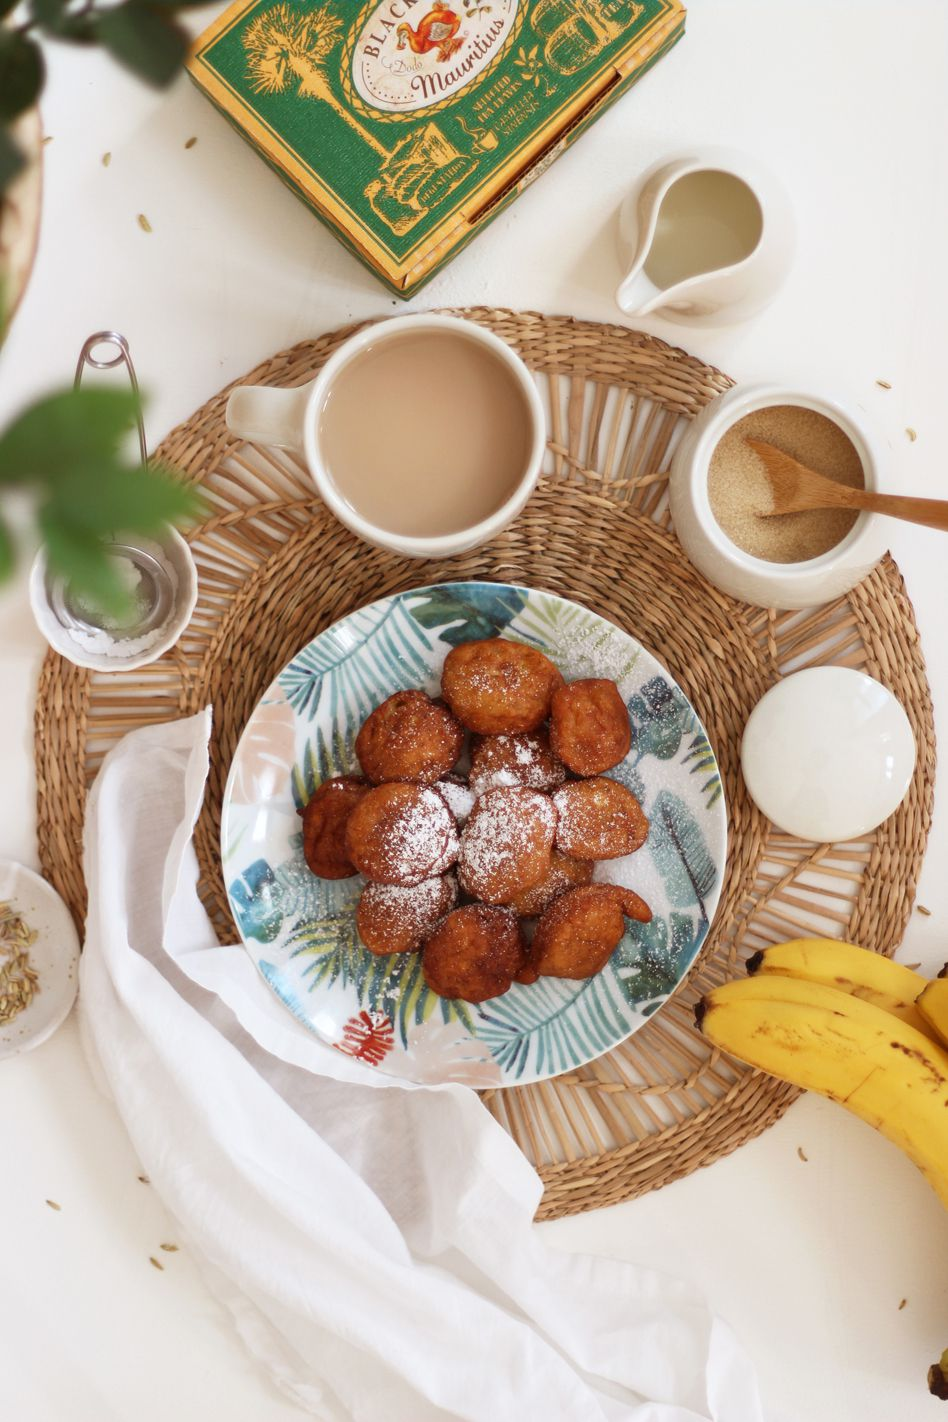 Beignets de banane, les petites douceurs d'île Maurice